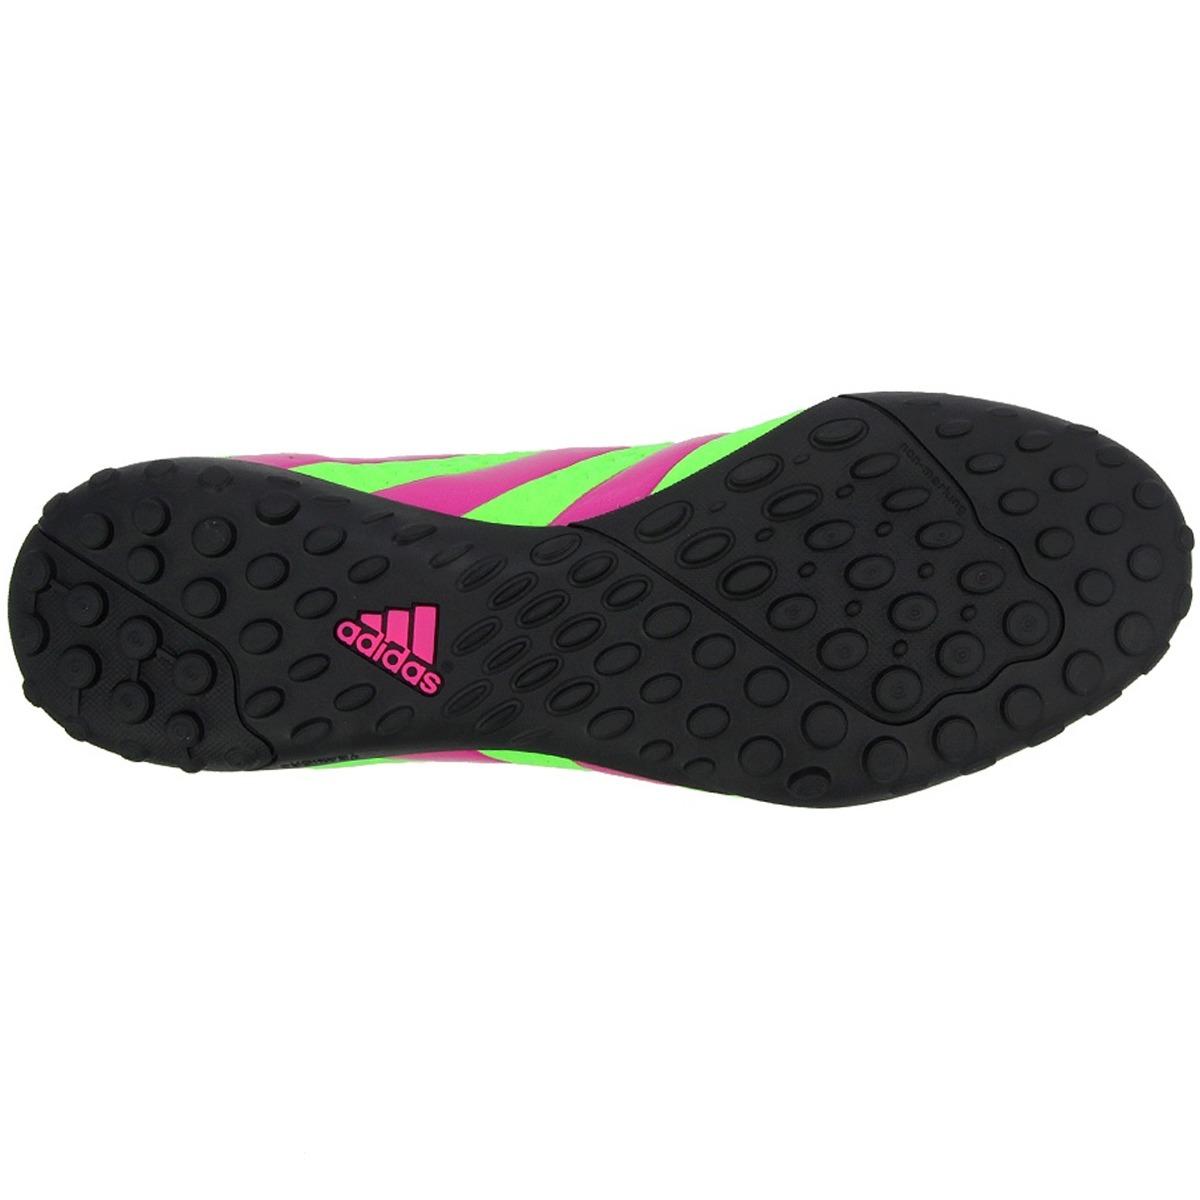 12e39e77da2f3 zapatos para futbol soccer pasto sintetico 16.4 turf adidas. Cargando zoom.